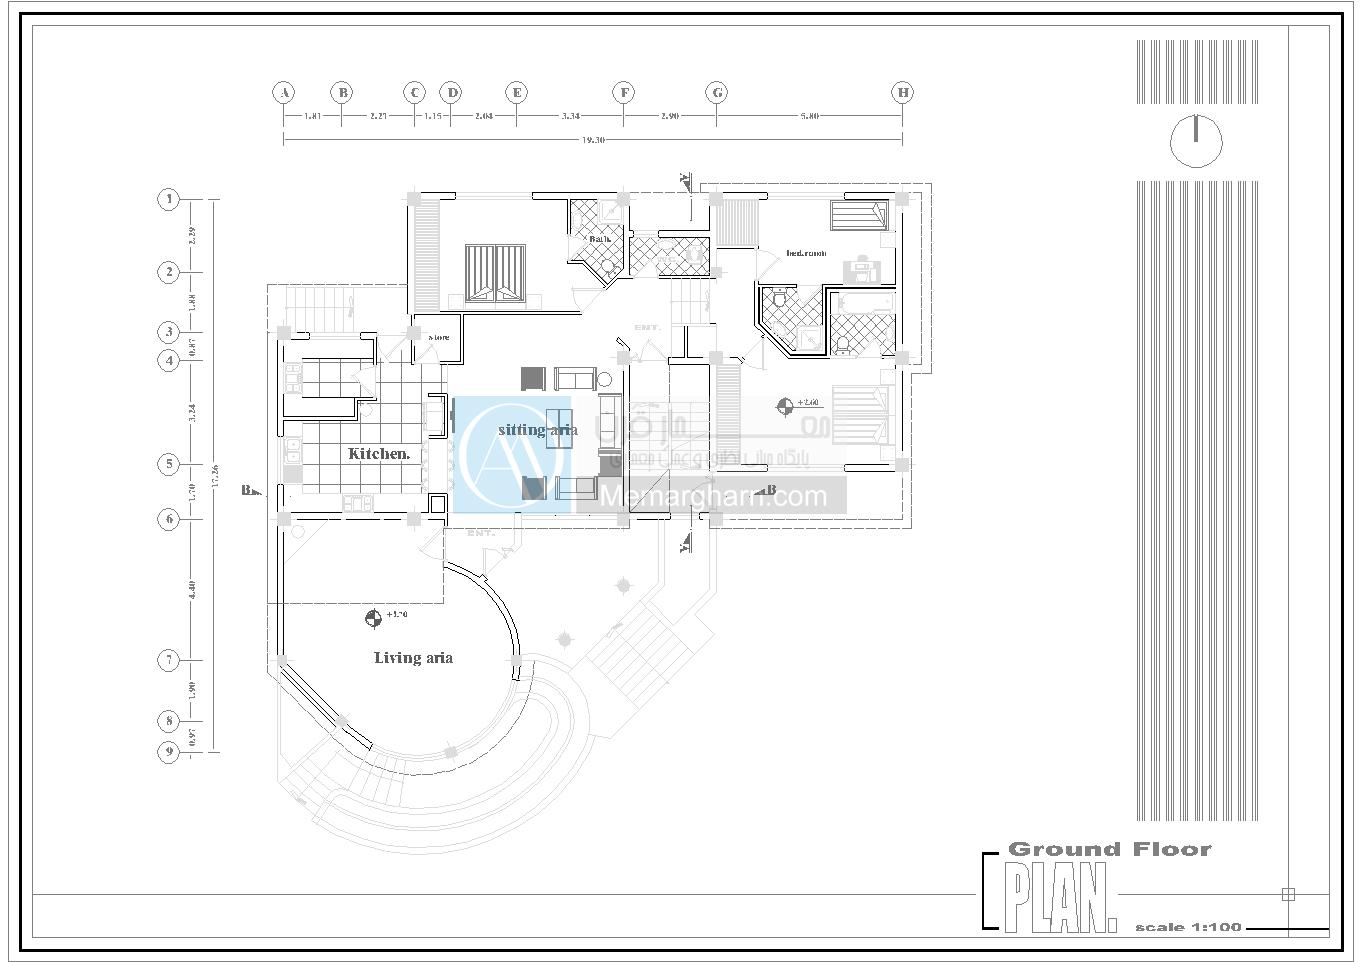 طراحی پلان ویلایی با تمام جزئیات